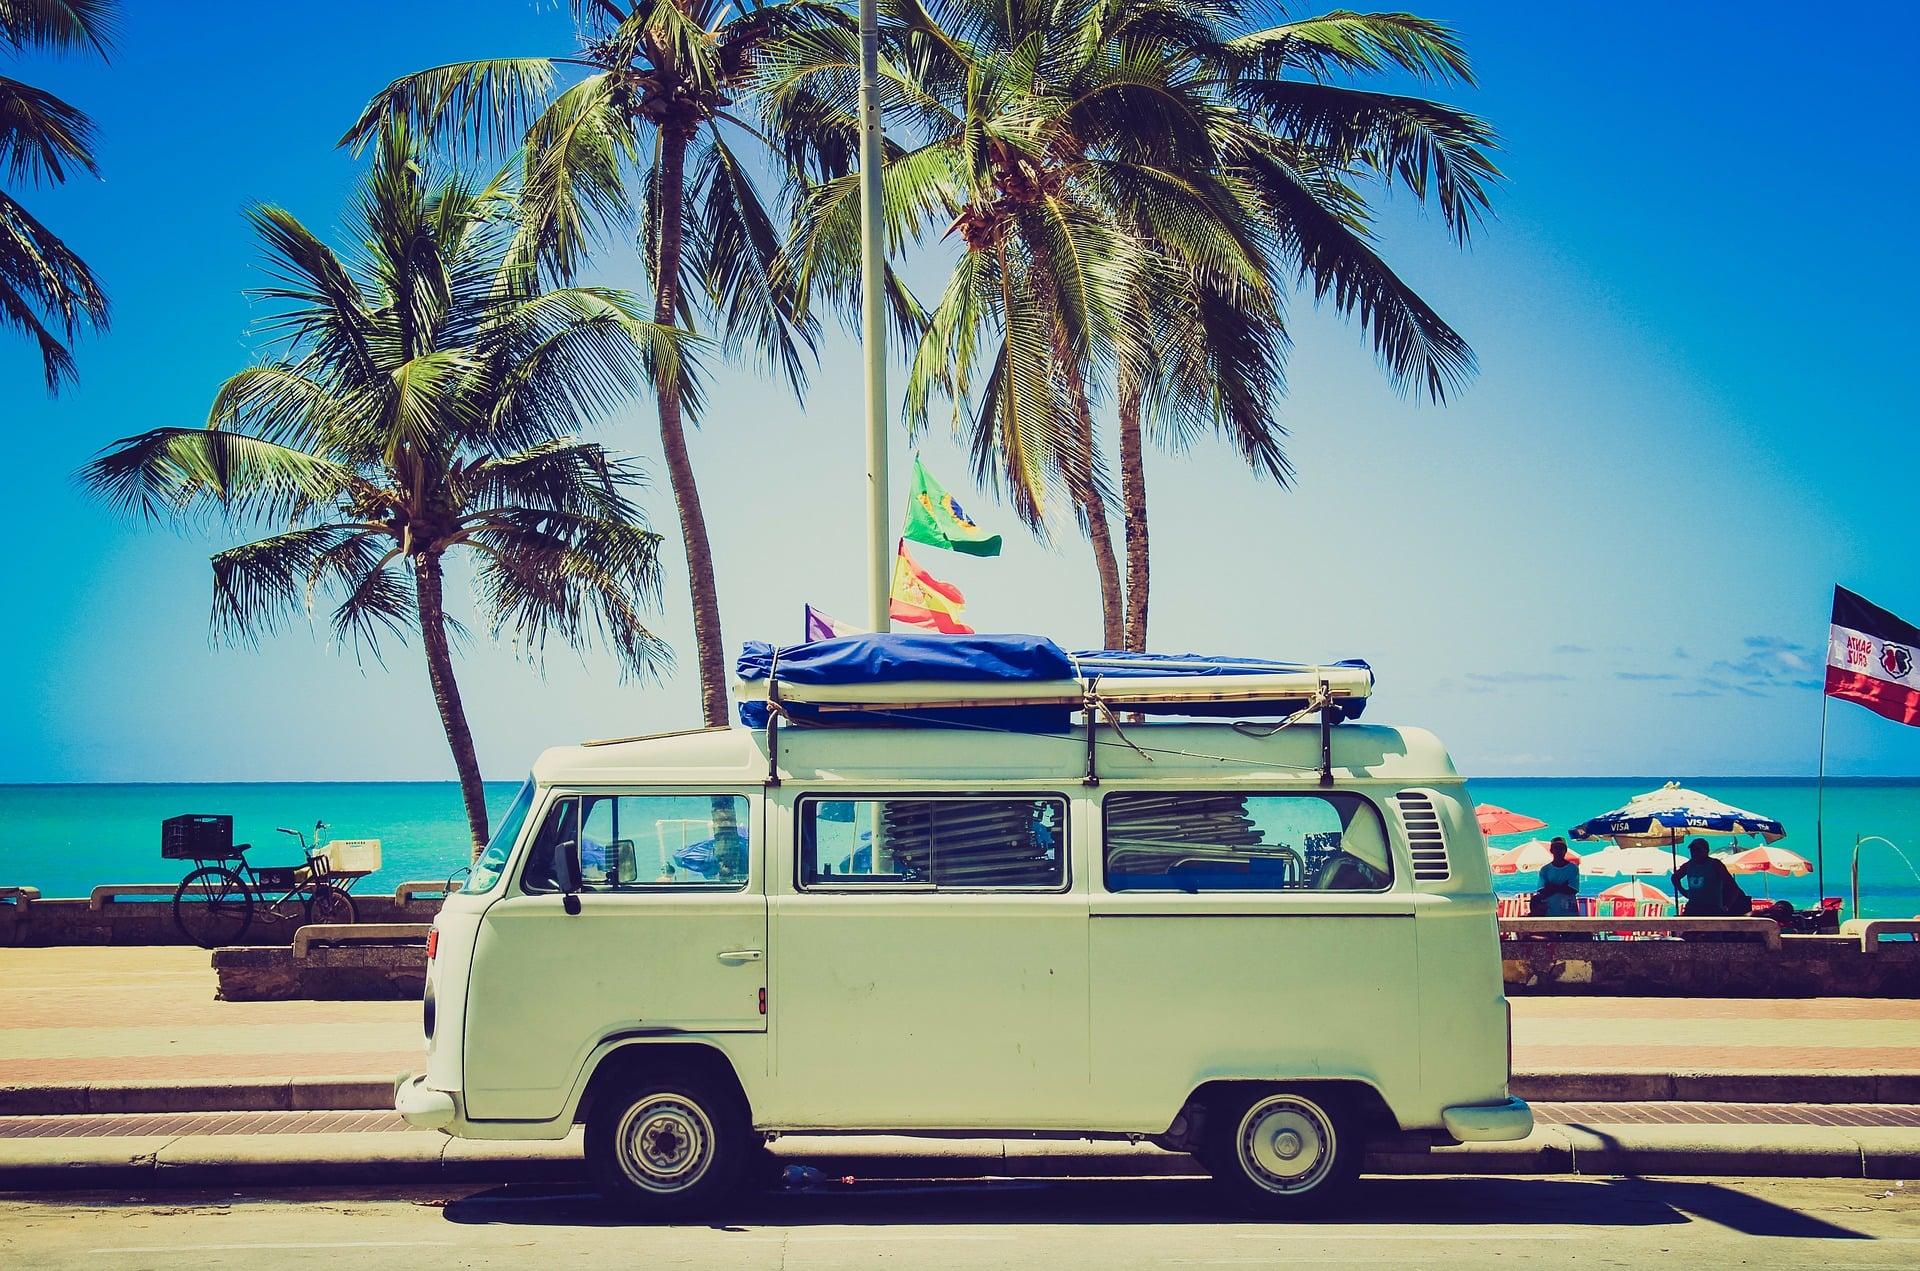 pożyczki na wakacje last minute